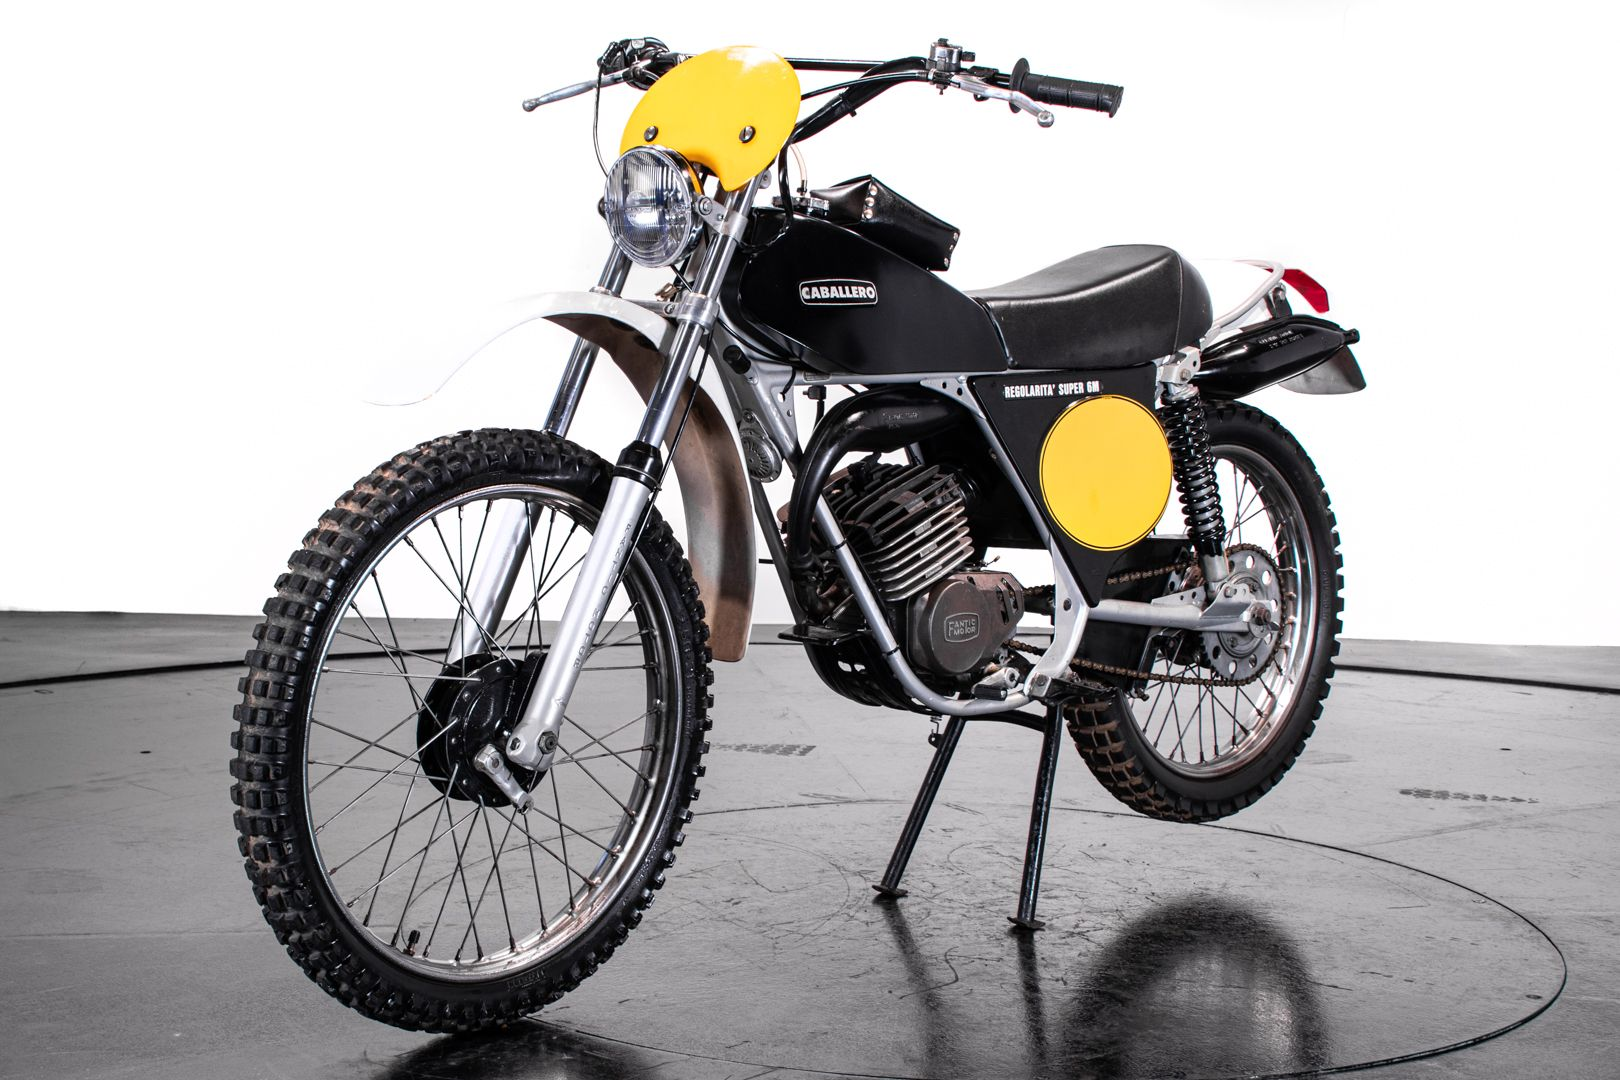 1977 Fantic Motor Caballero 50 Super 6M TX 190 64677